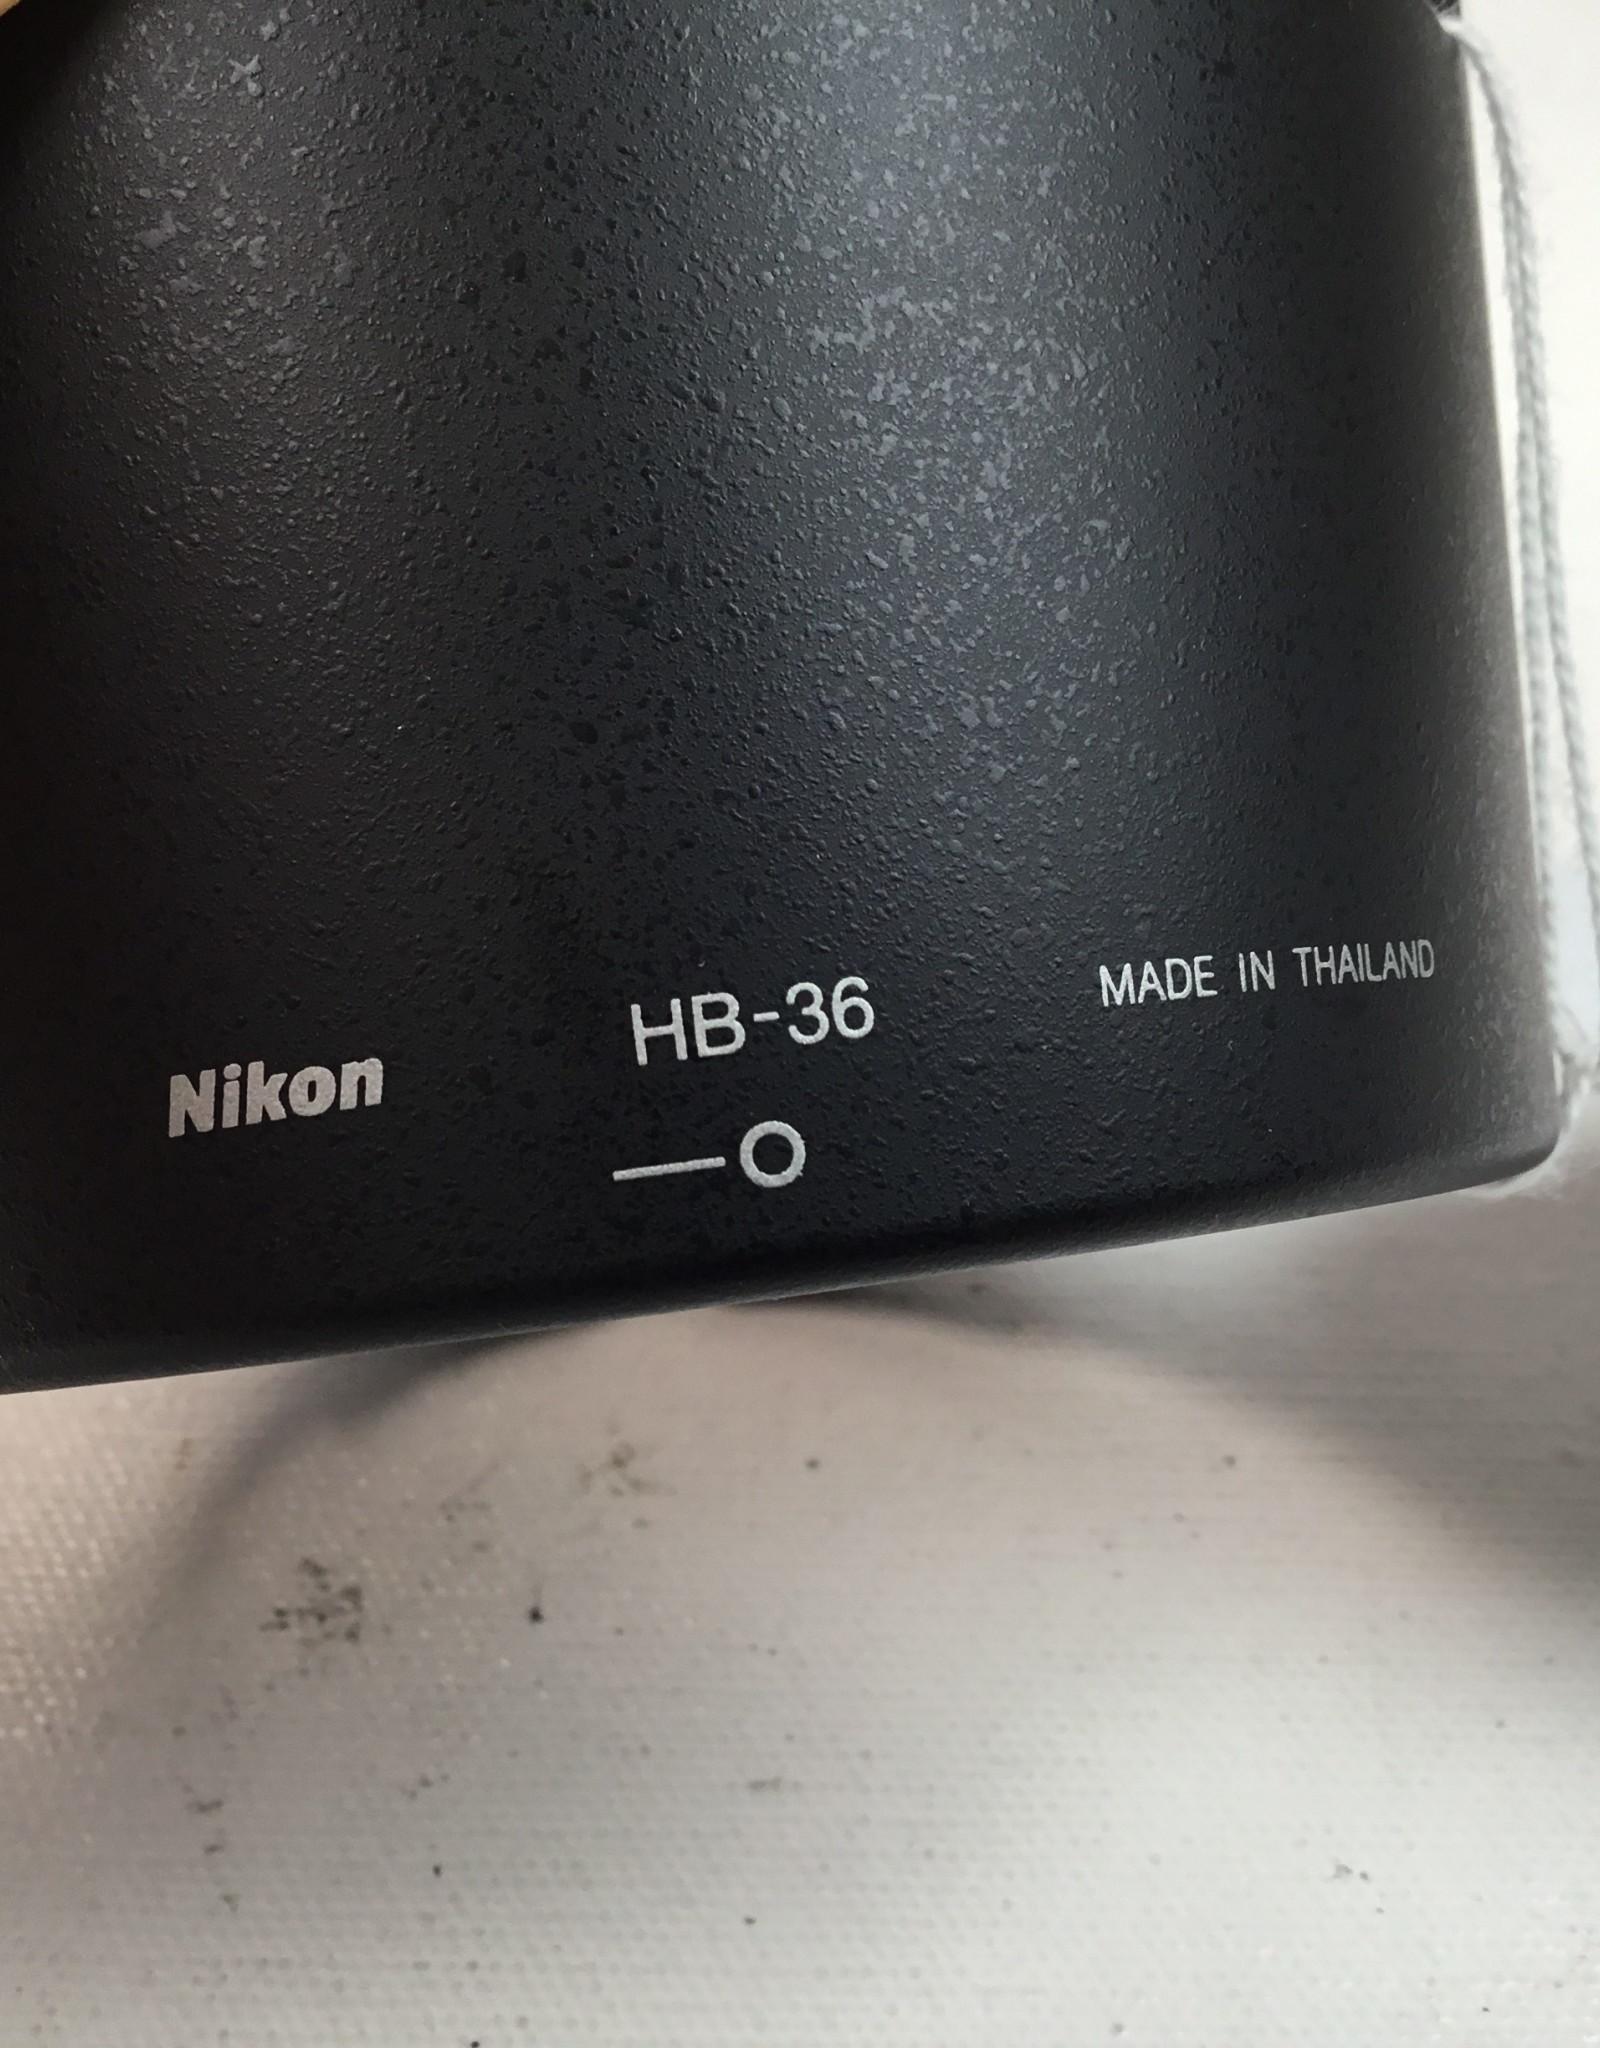 NIKON Nikon HB-36 Lens Hood for 70-300mm Used EX